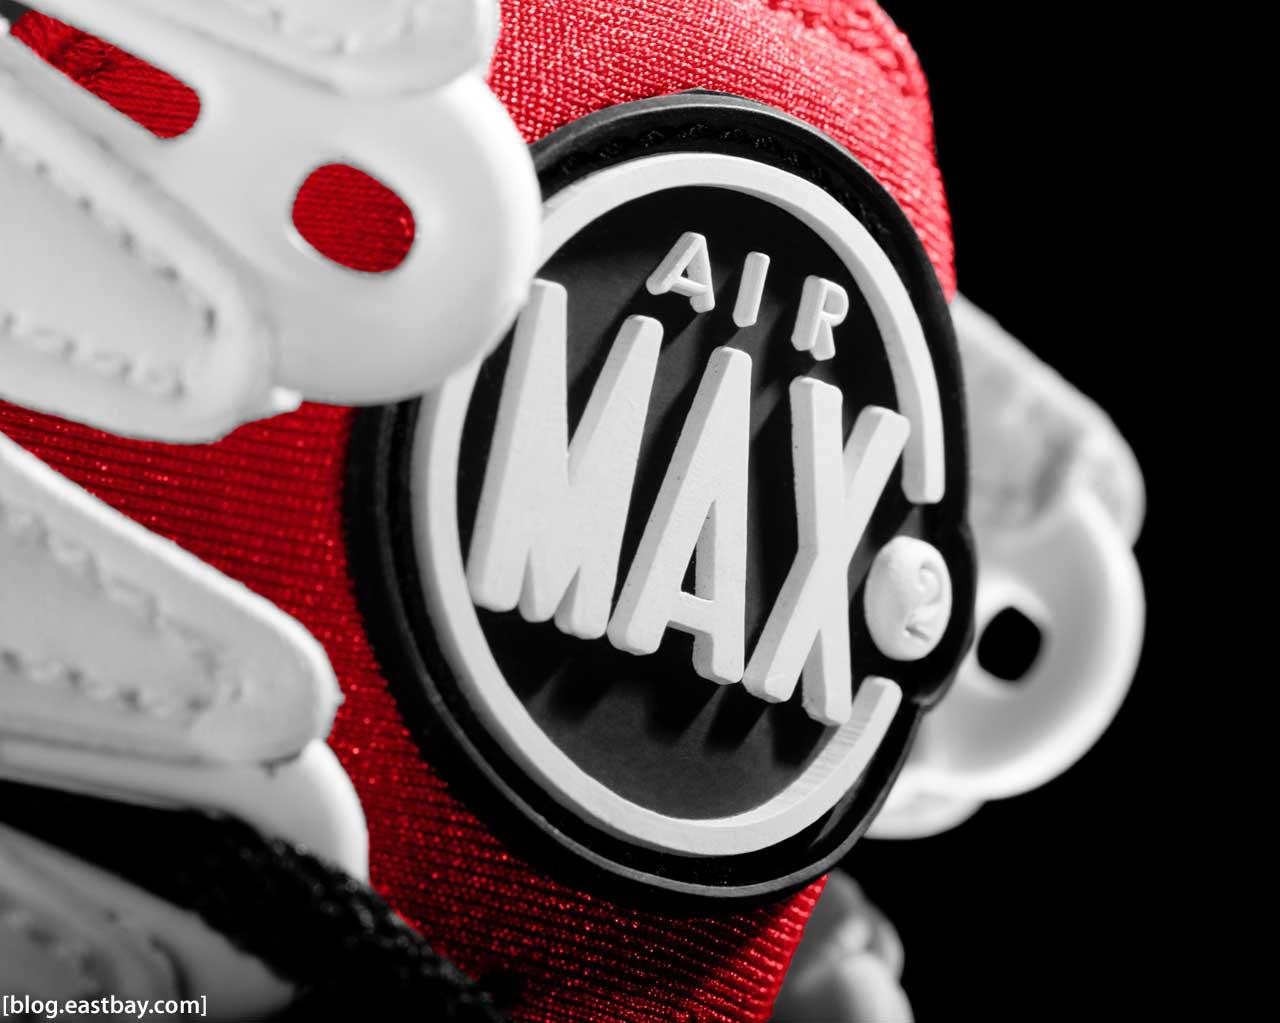 trainer max wallpaper 1280 1024jpg 1280x1023